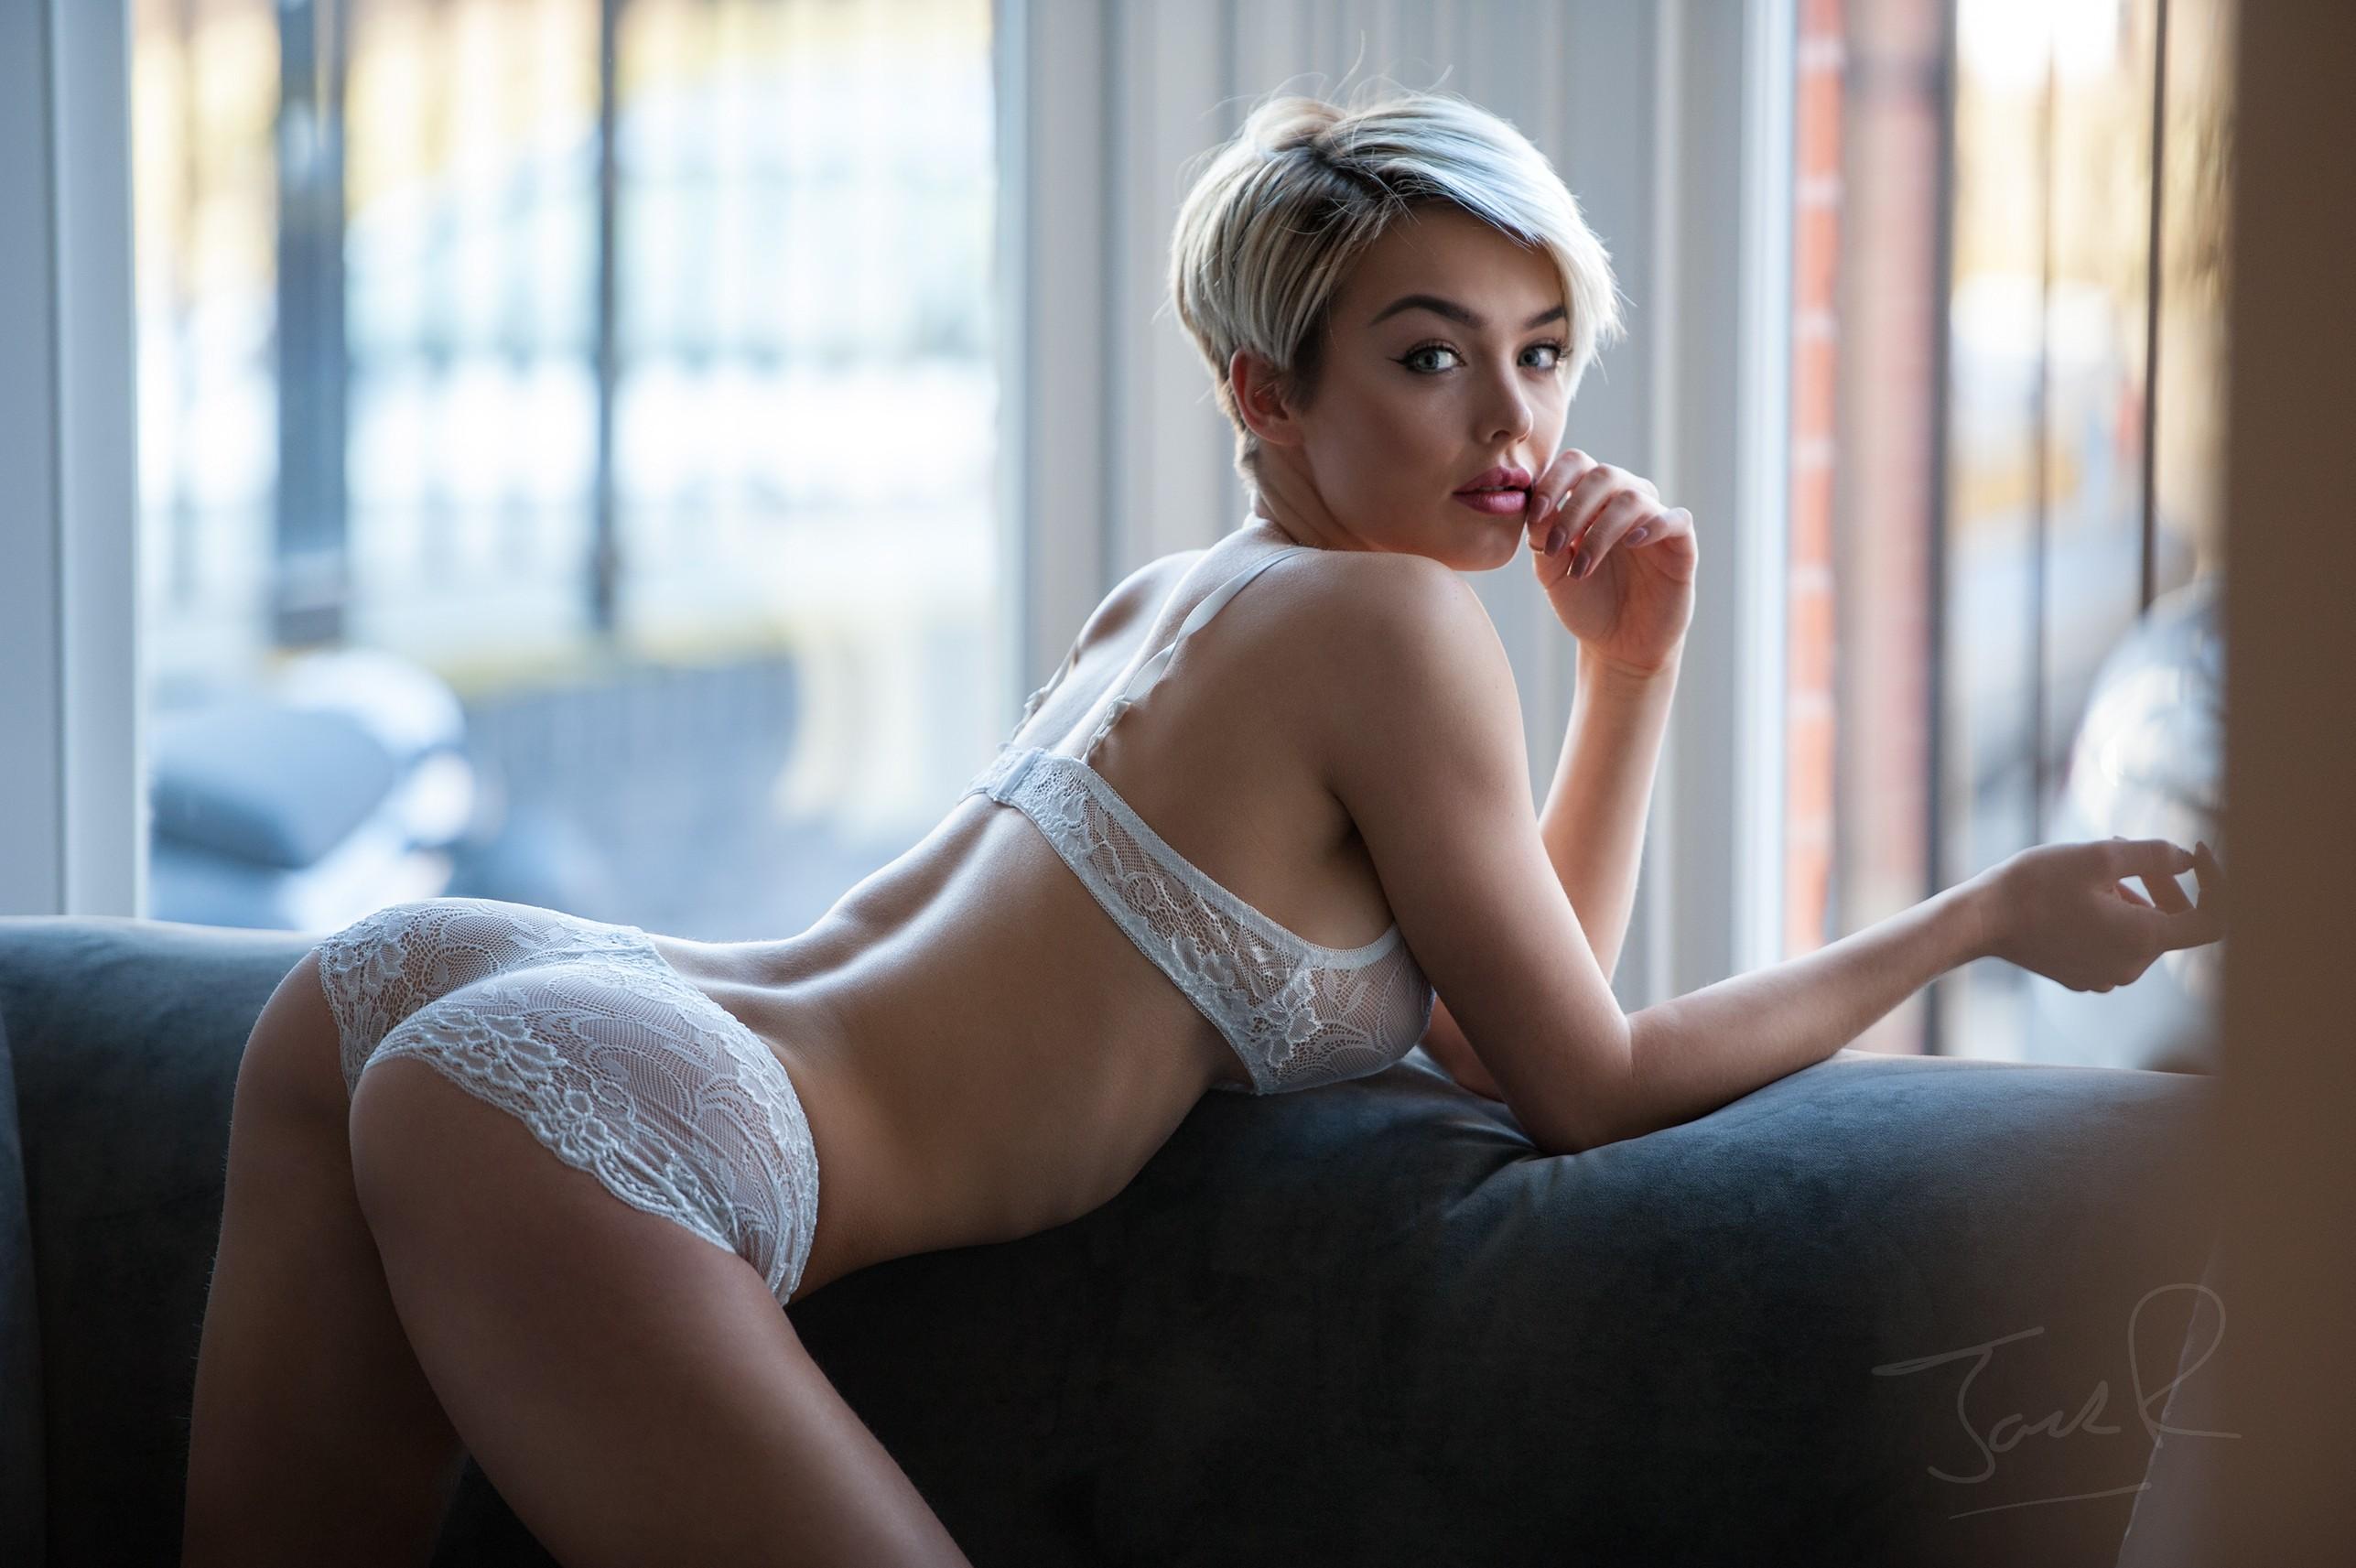 långt hår kvinna sex